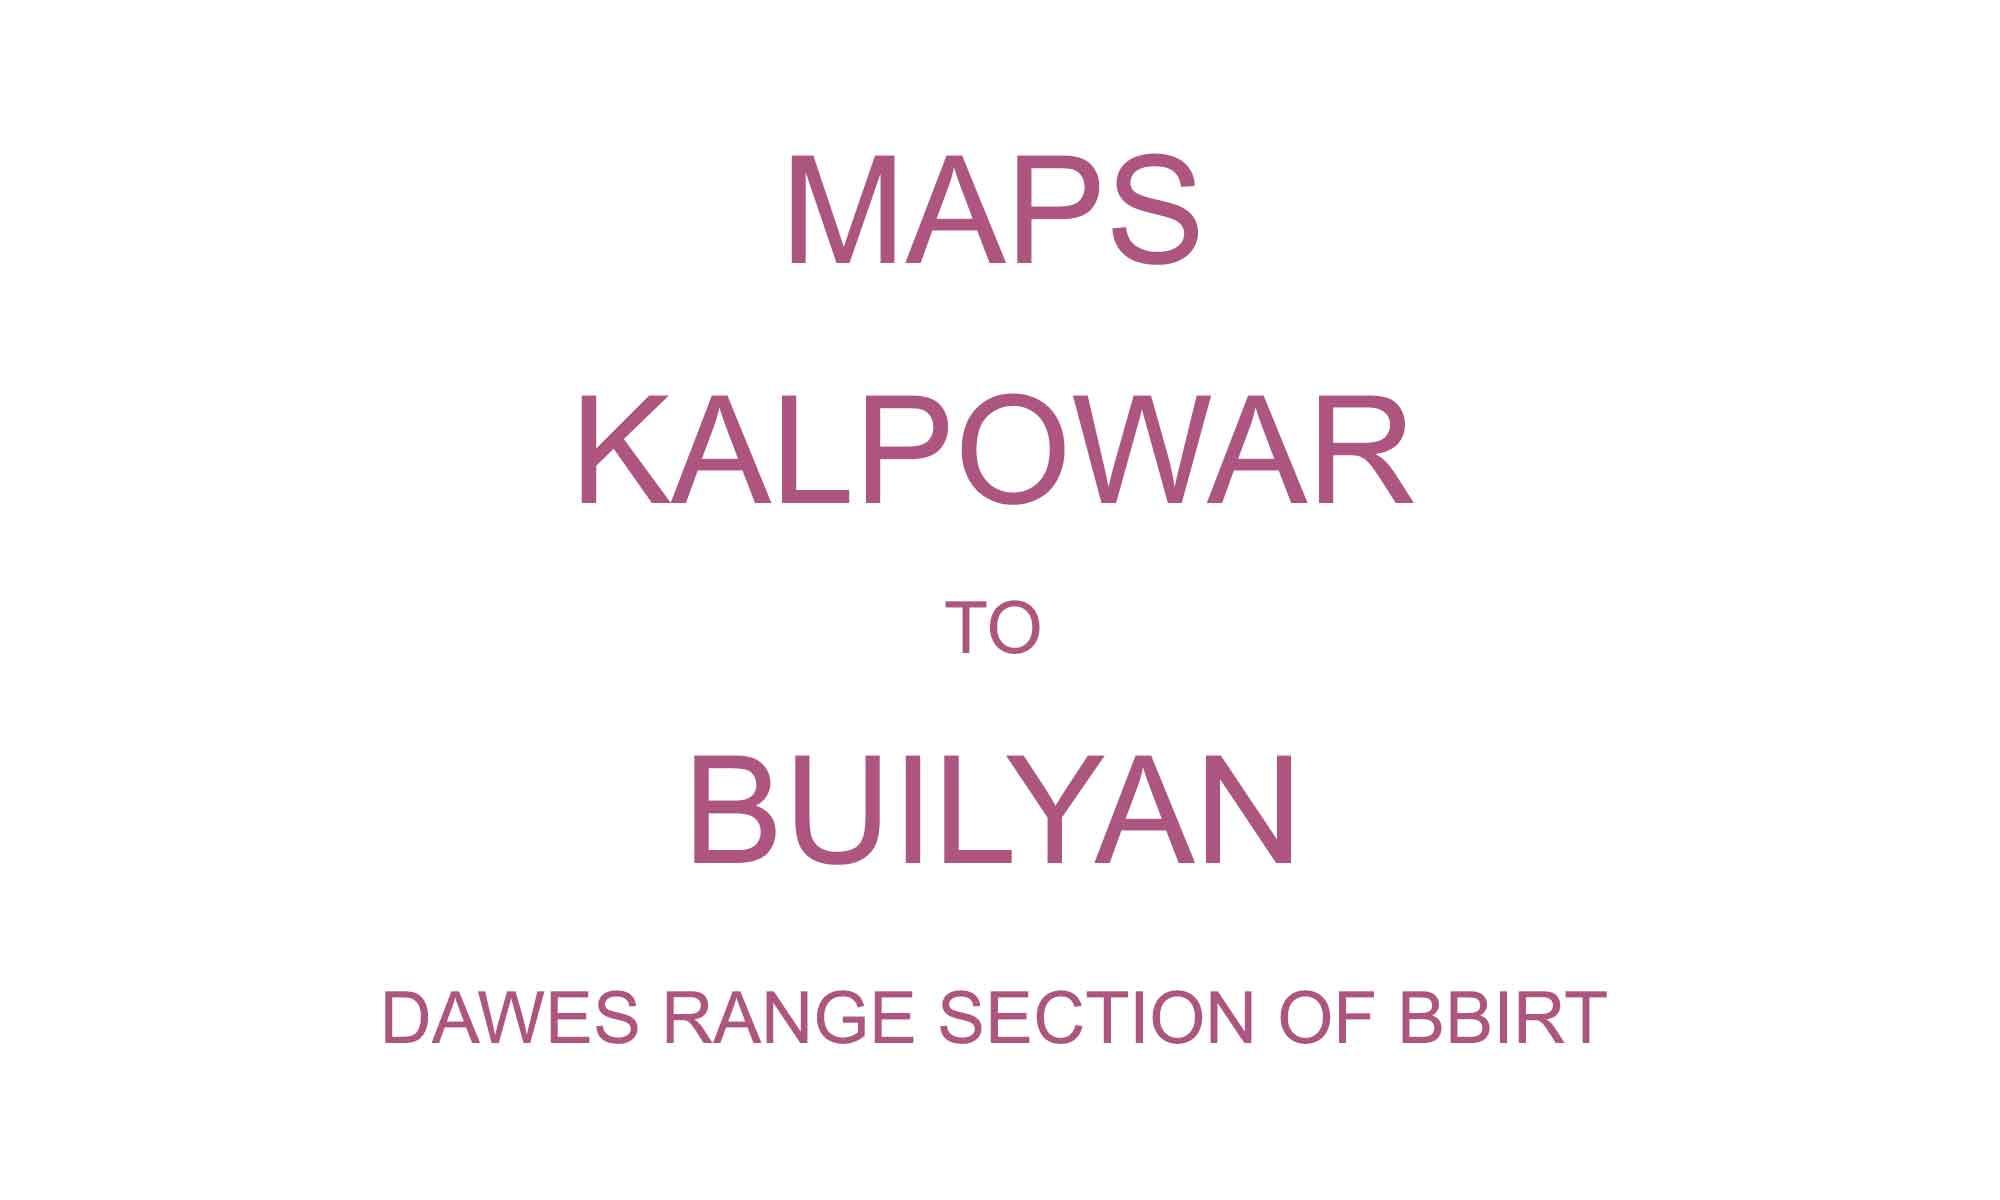 dawes-range-maps